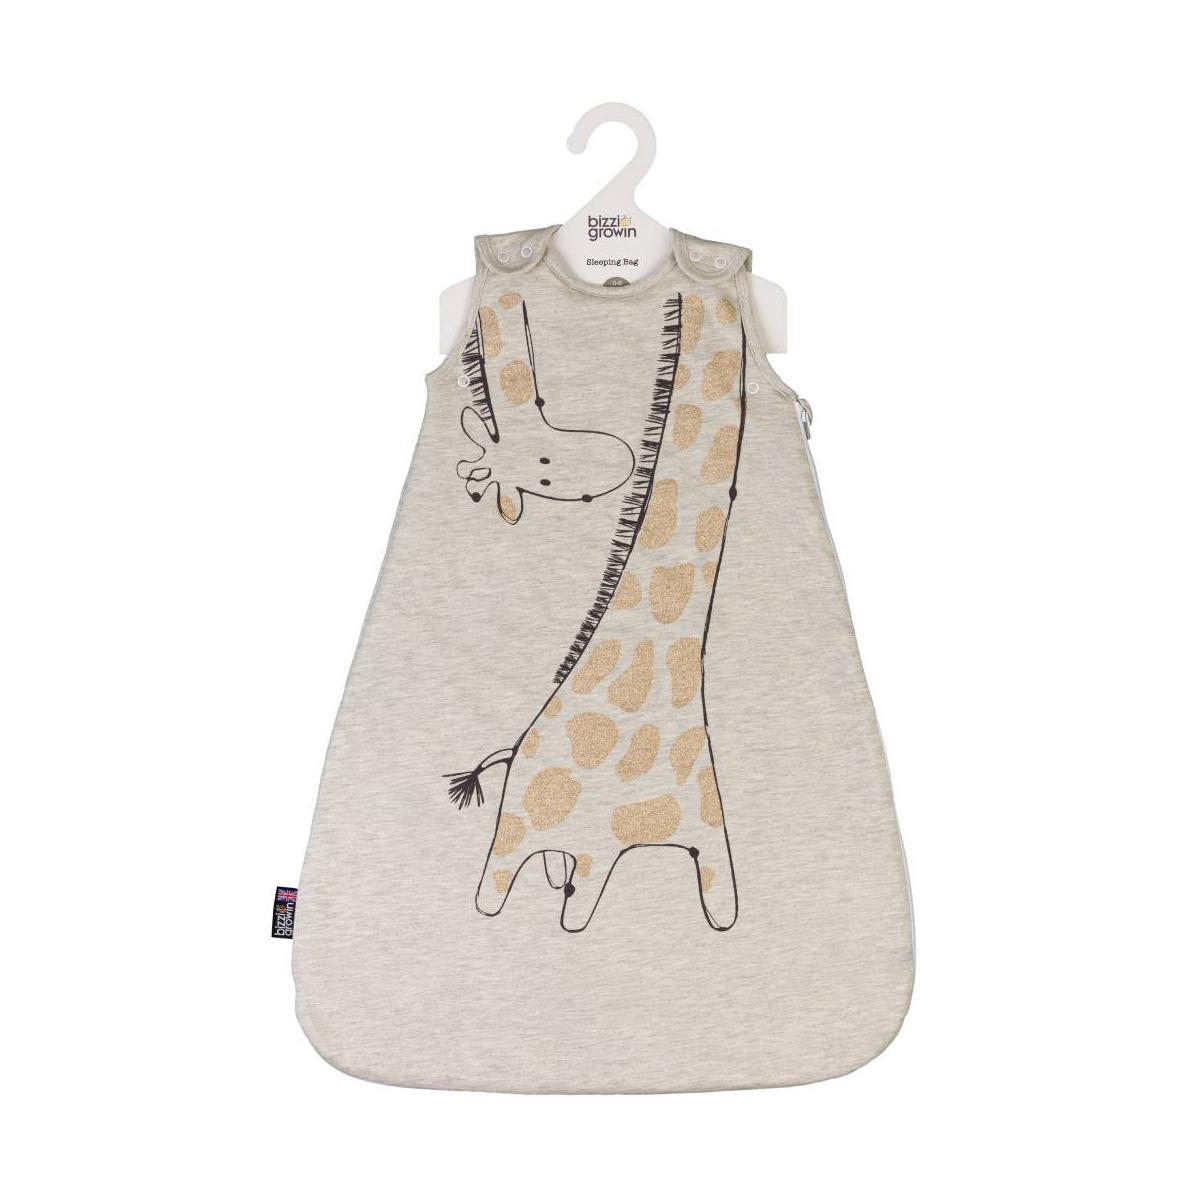 Bizzi Growin 2.5 Tog Sleeping Bag 6-18 Months-Giraffe (NEW)